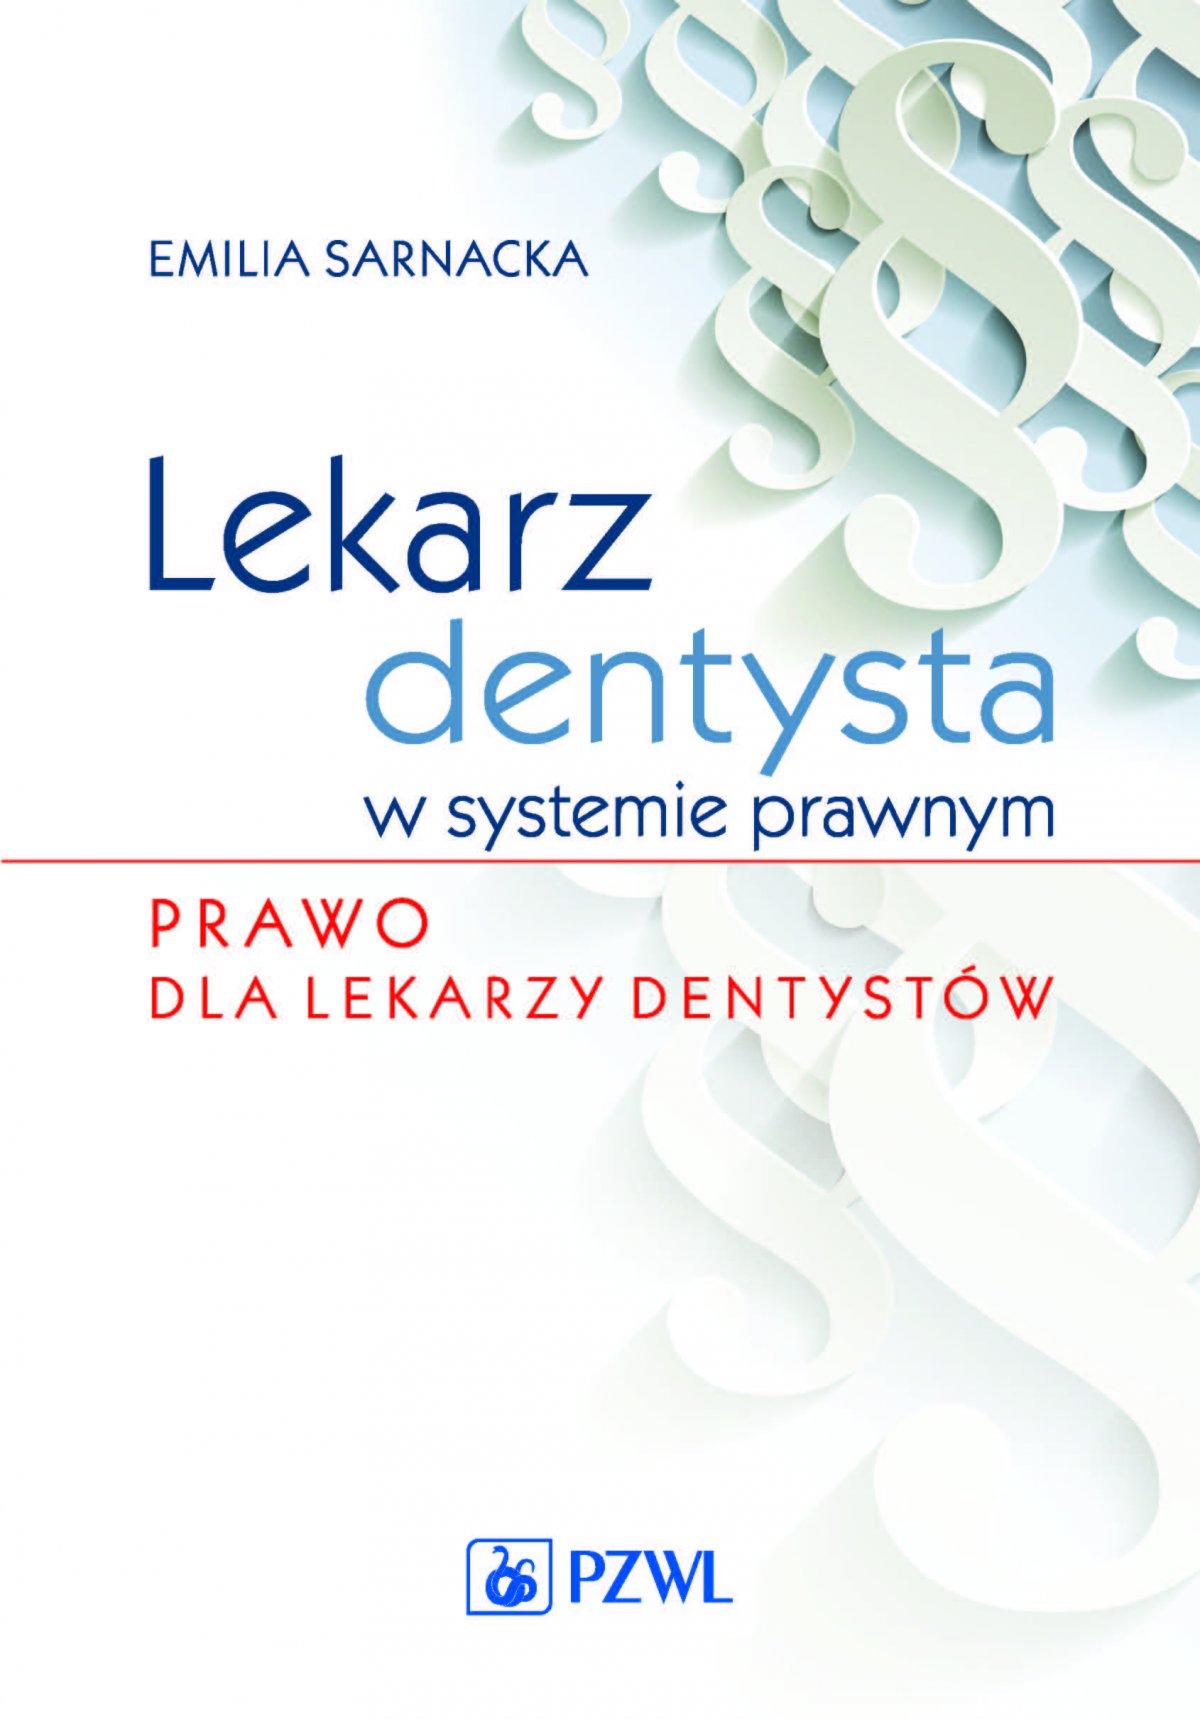 Lekarz dentysta w systemie prawnym - Ebook (Książka EPUB) do pobrania w formacie EPUB